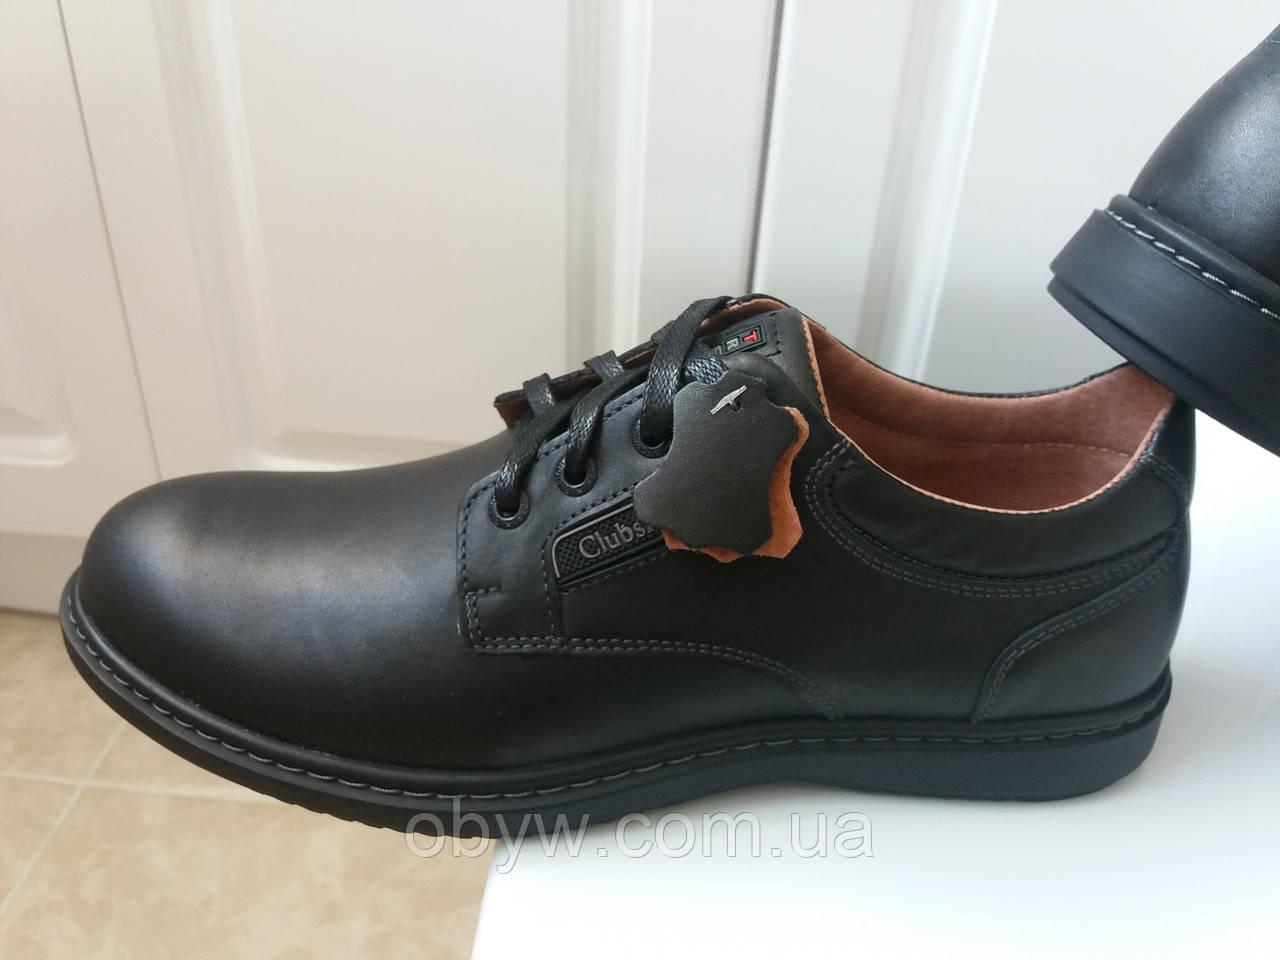 27690fb5f Кожаные осенние мужские туфли - Весь ассортимент в нашем магазине в наличии.  в Днепре